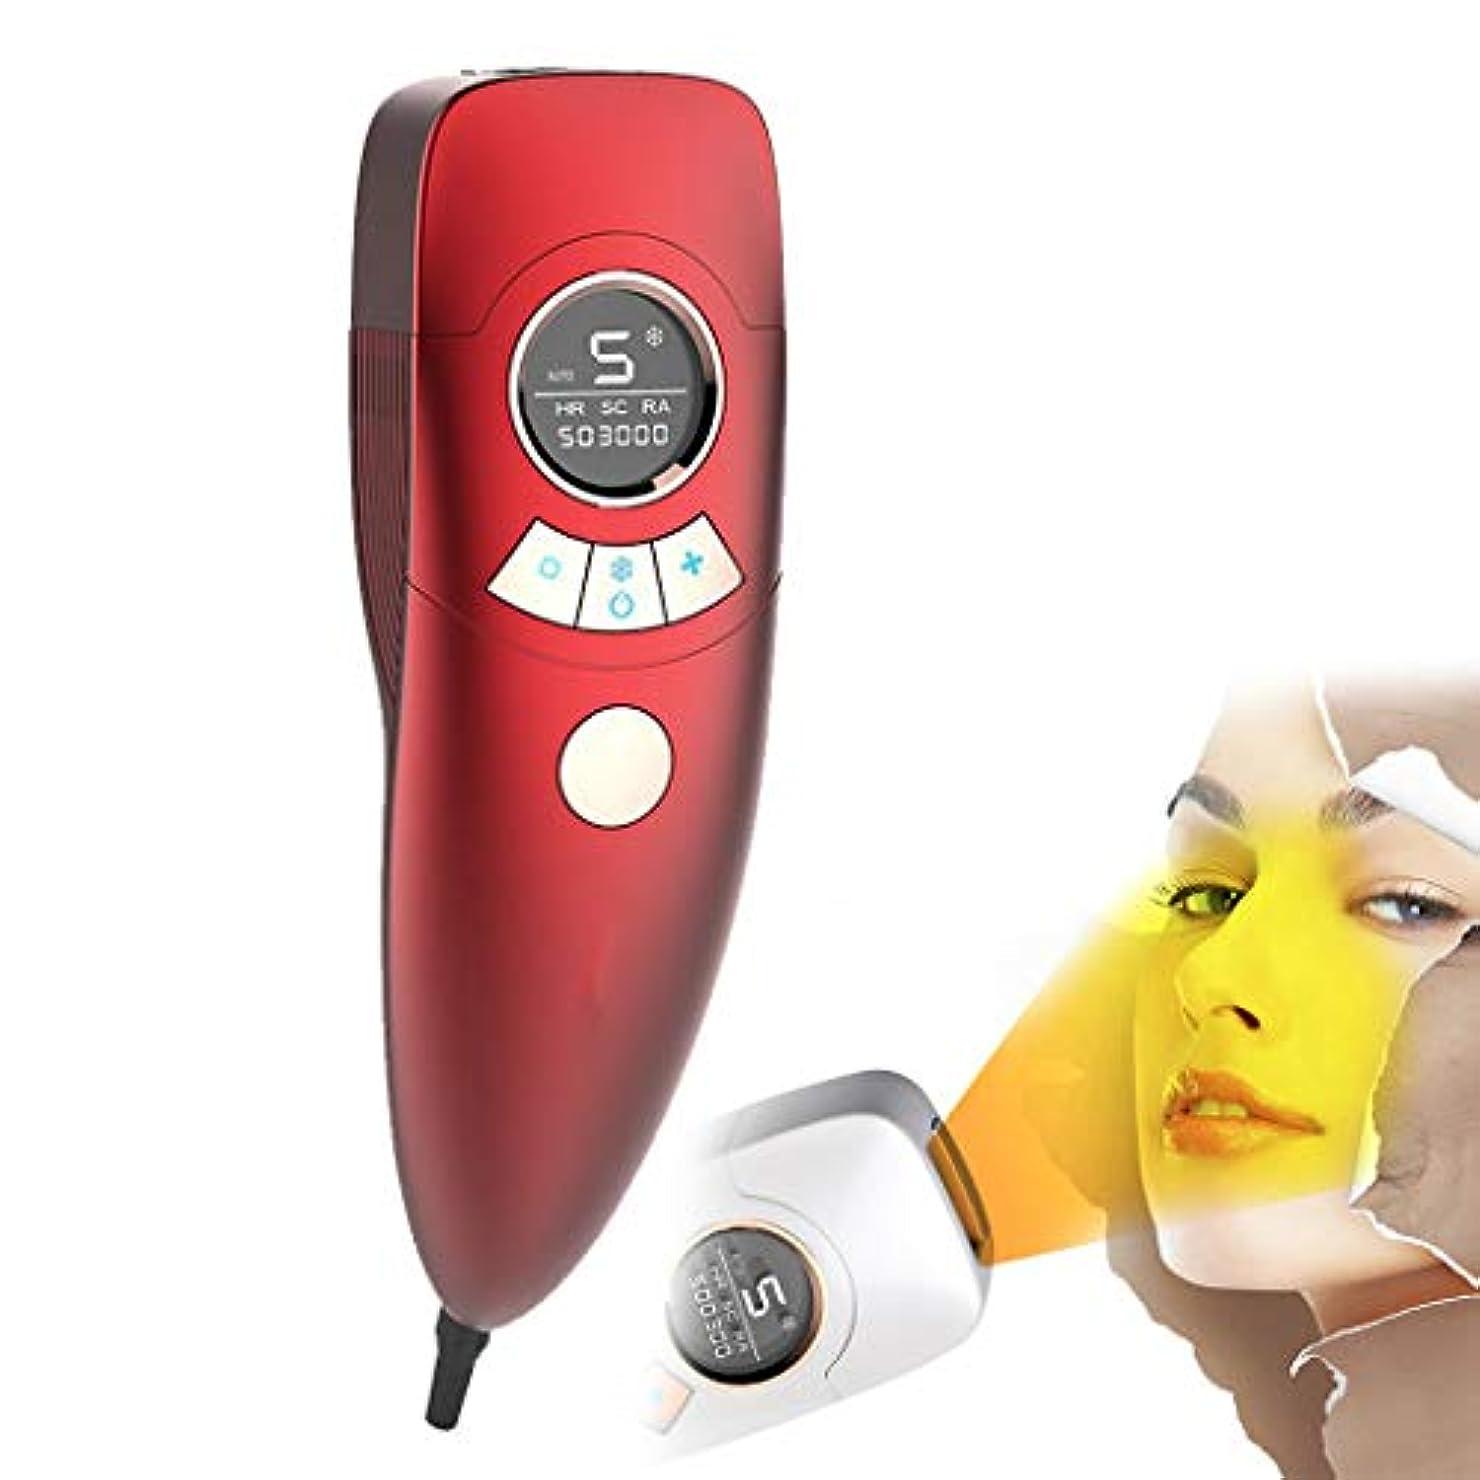 卑しい補助金ポーチ電気脱毛装置は痛みがありません女性4で1充電式電気脱毛器の髪、ビキニエリア鼻脇の下腕の脚の痛みのない永久的な体毛リムーバー-red